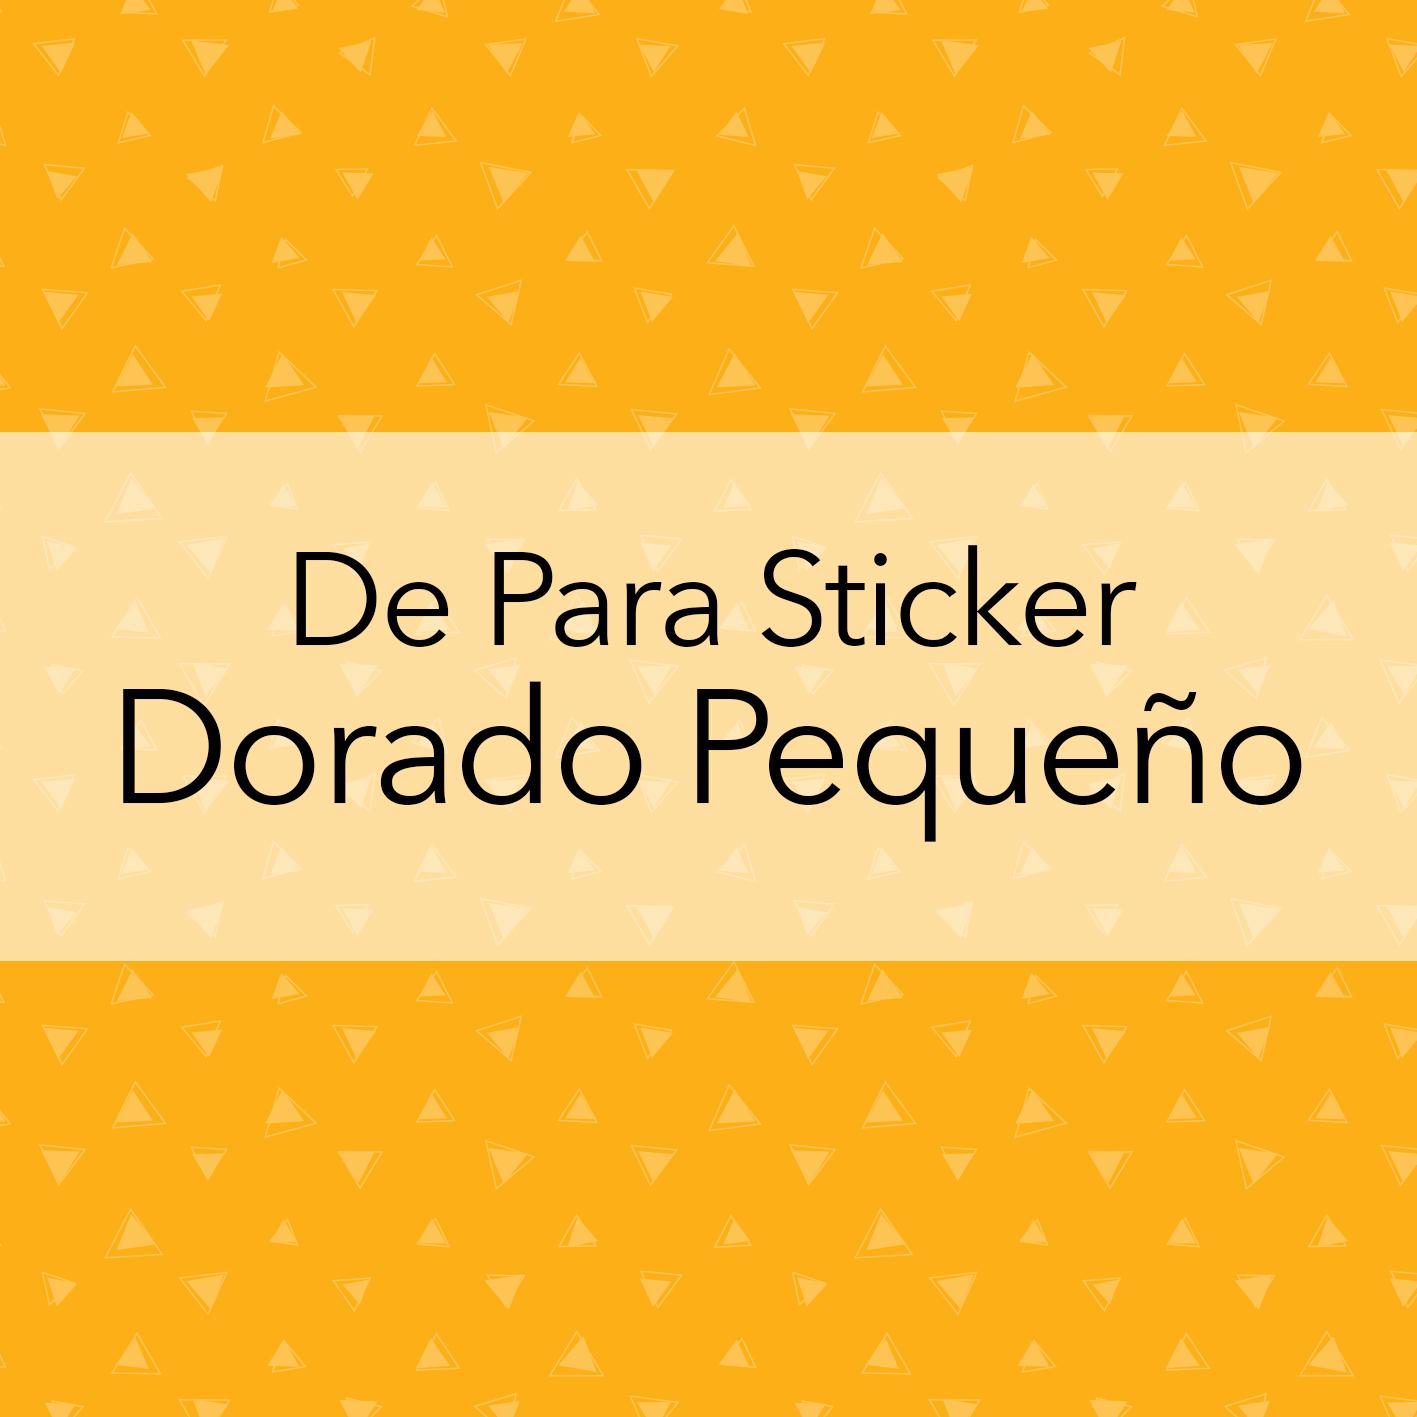 DE PARA STICKER DORADO PEQUEÑO